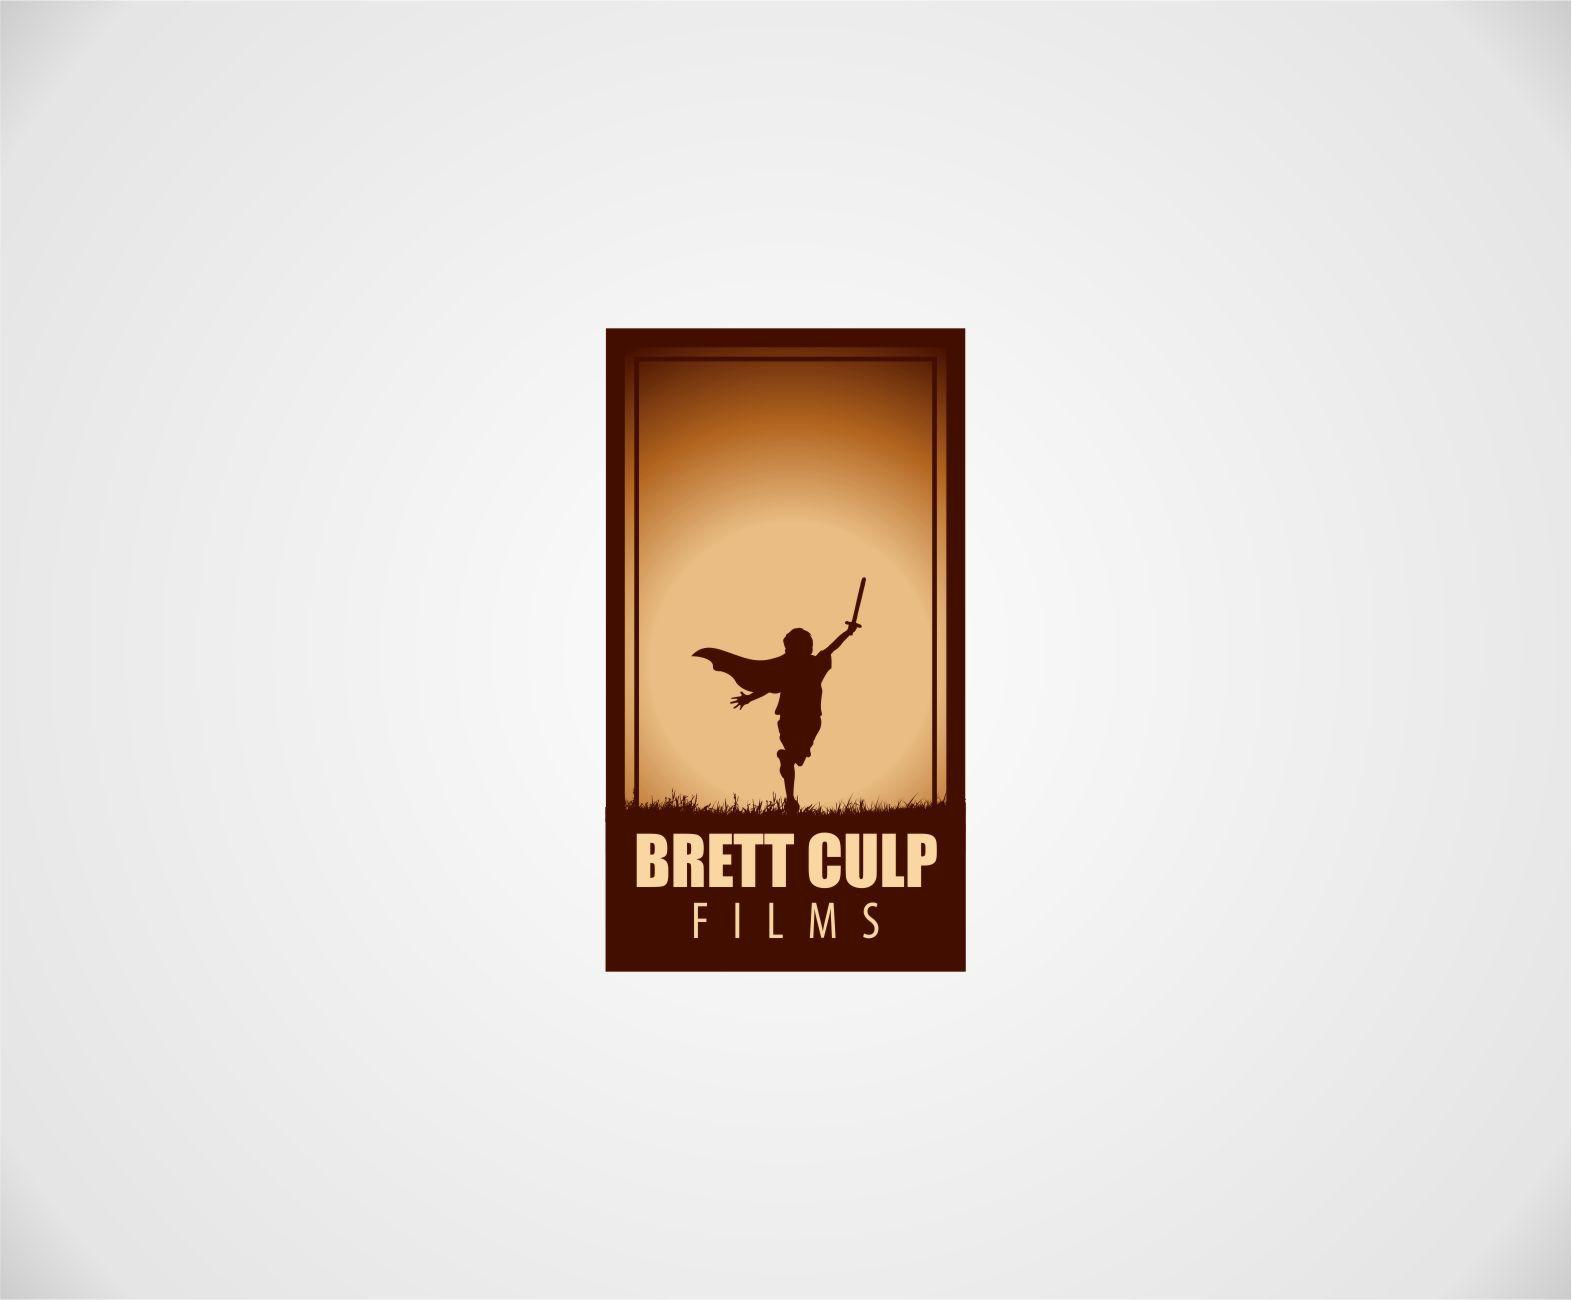 Brett Culp Films needs a new logo